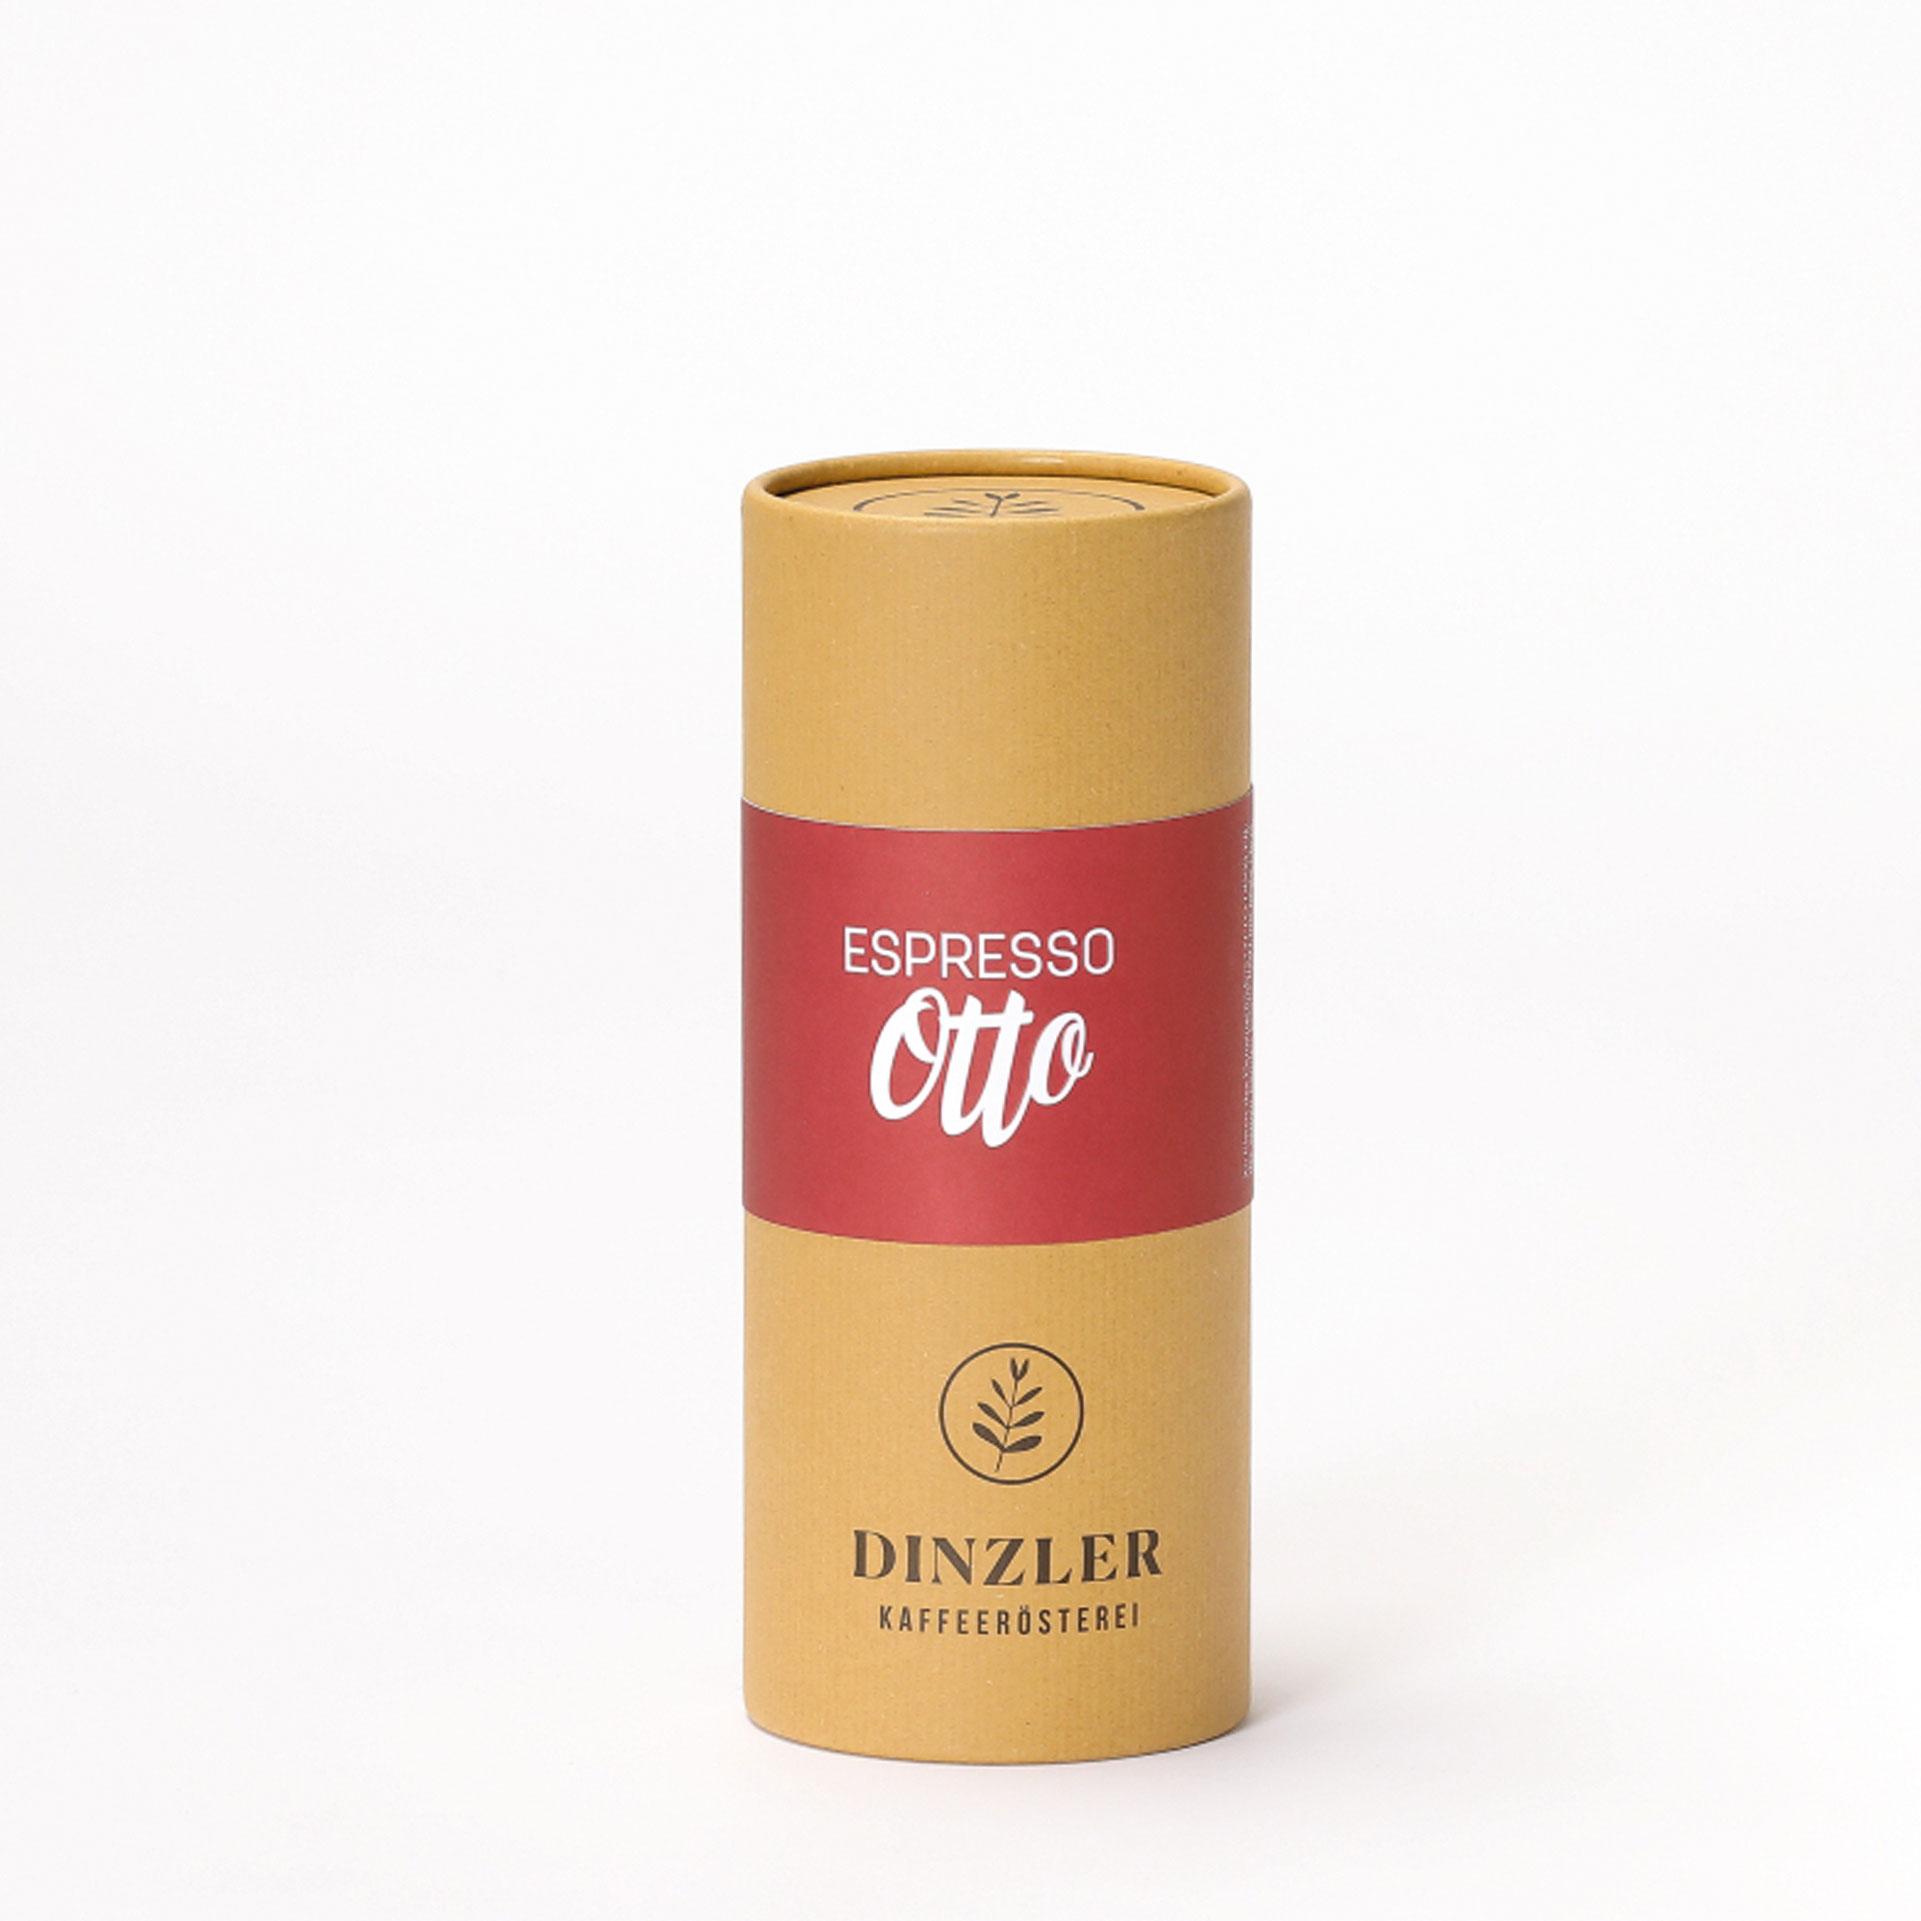 DINZLER Espresso Otto